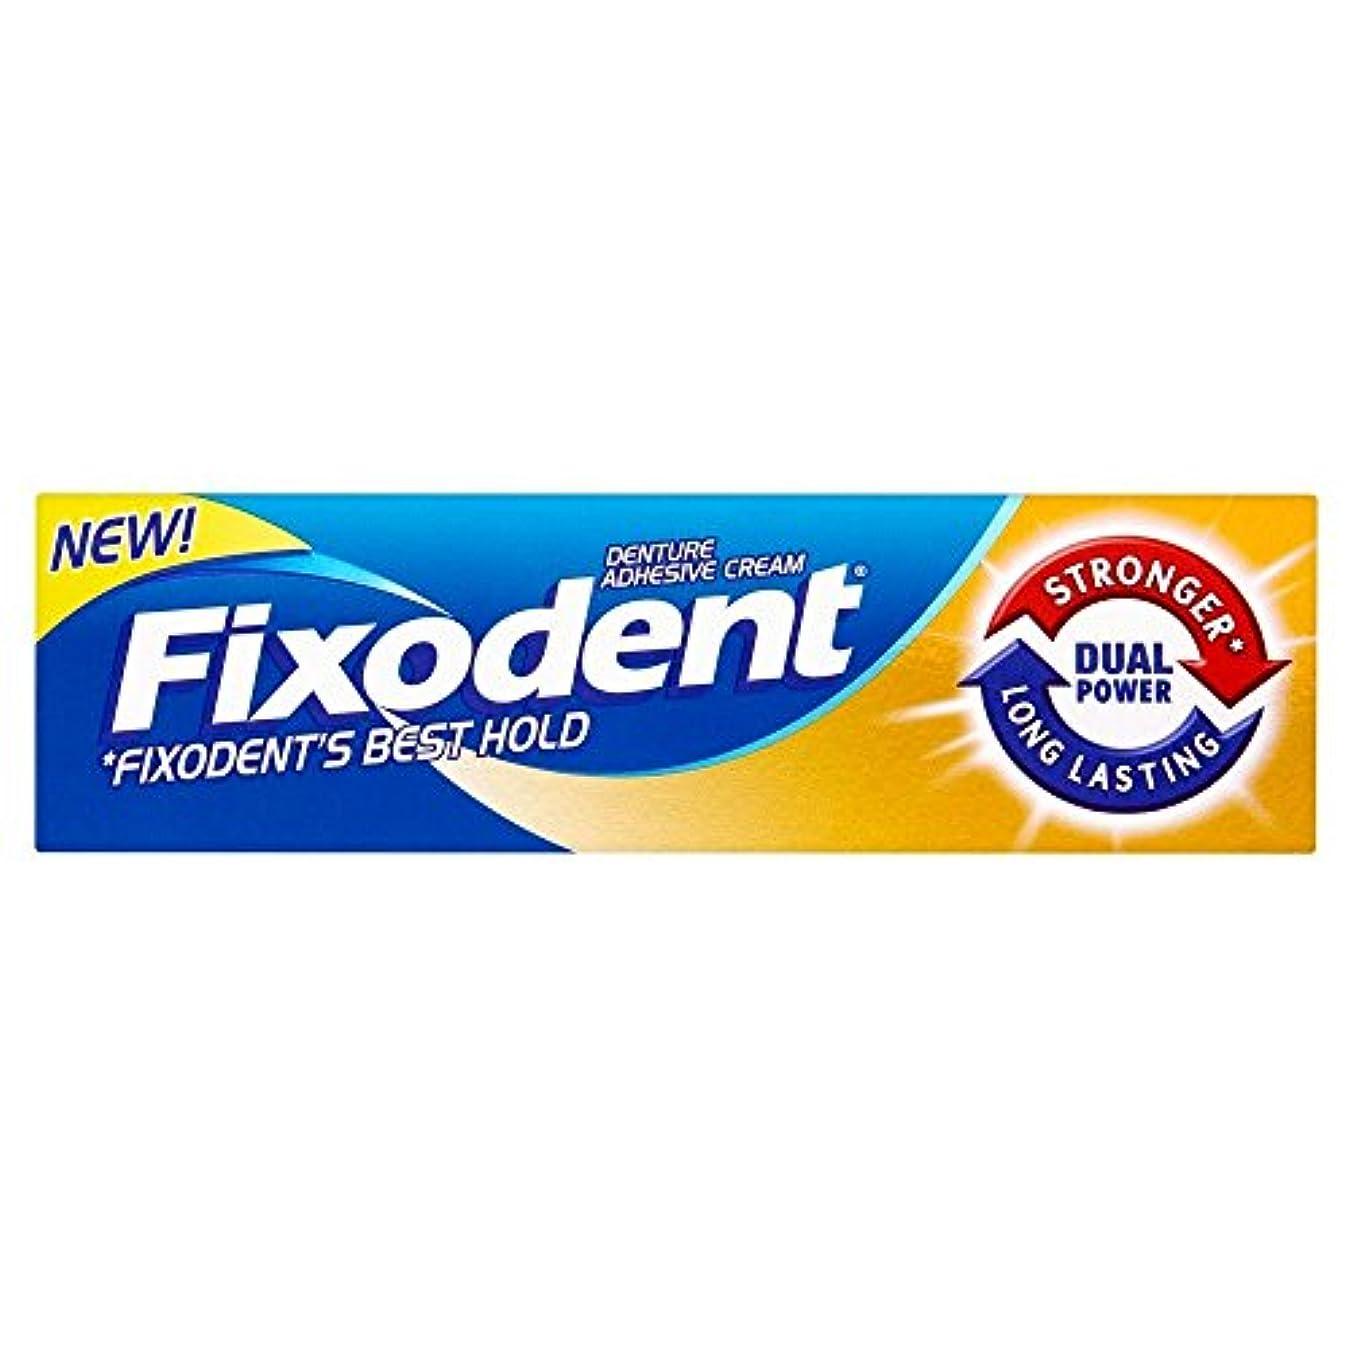 マイク仮定真夜中Fixodent Denture Adhesive Cream Dual Power (35ml) Fixodent義歯接着剤クリームデュアルパワー( 35ミリリットル) [並行輸入品]